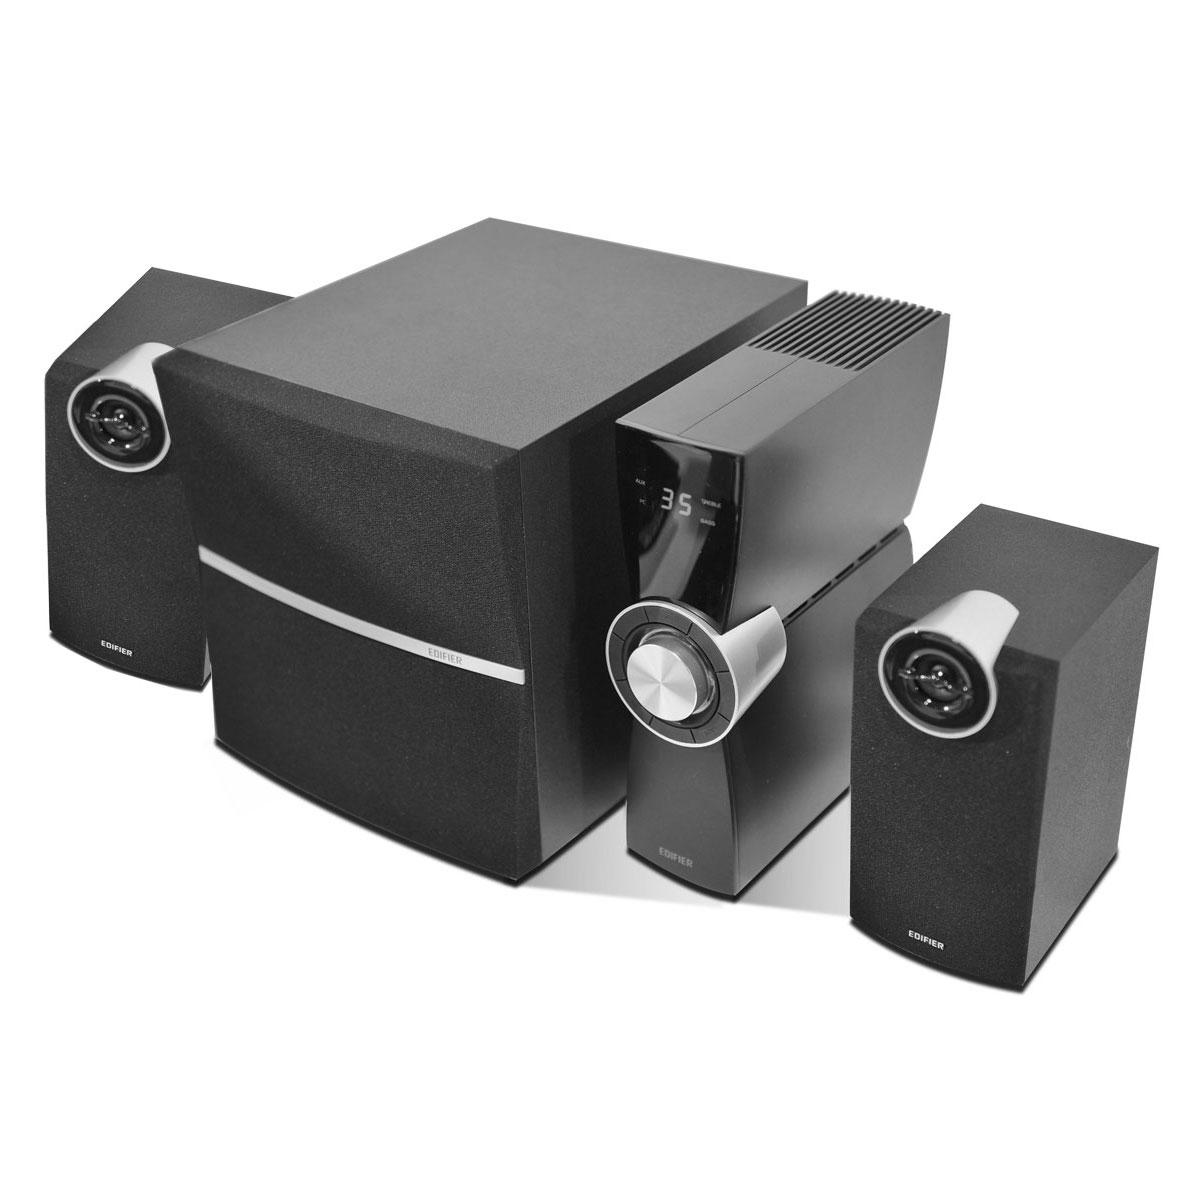 edifier c2x optique enceinte pc edifier sur ldlc. Black Bedroom Furniture Sets. Home Design Ideas